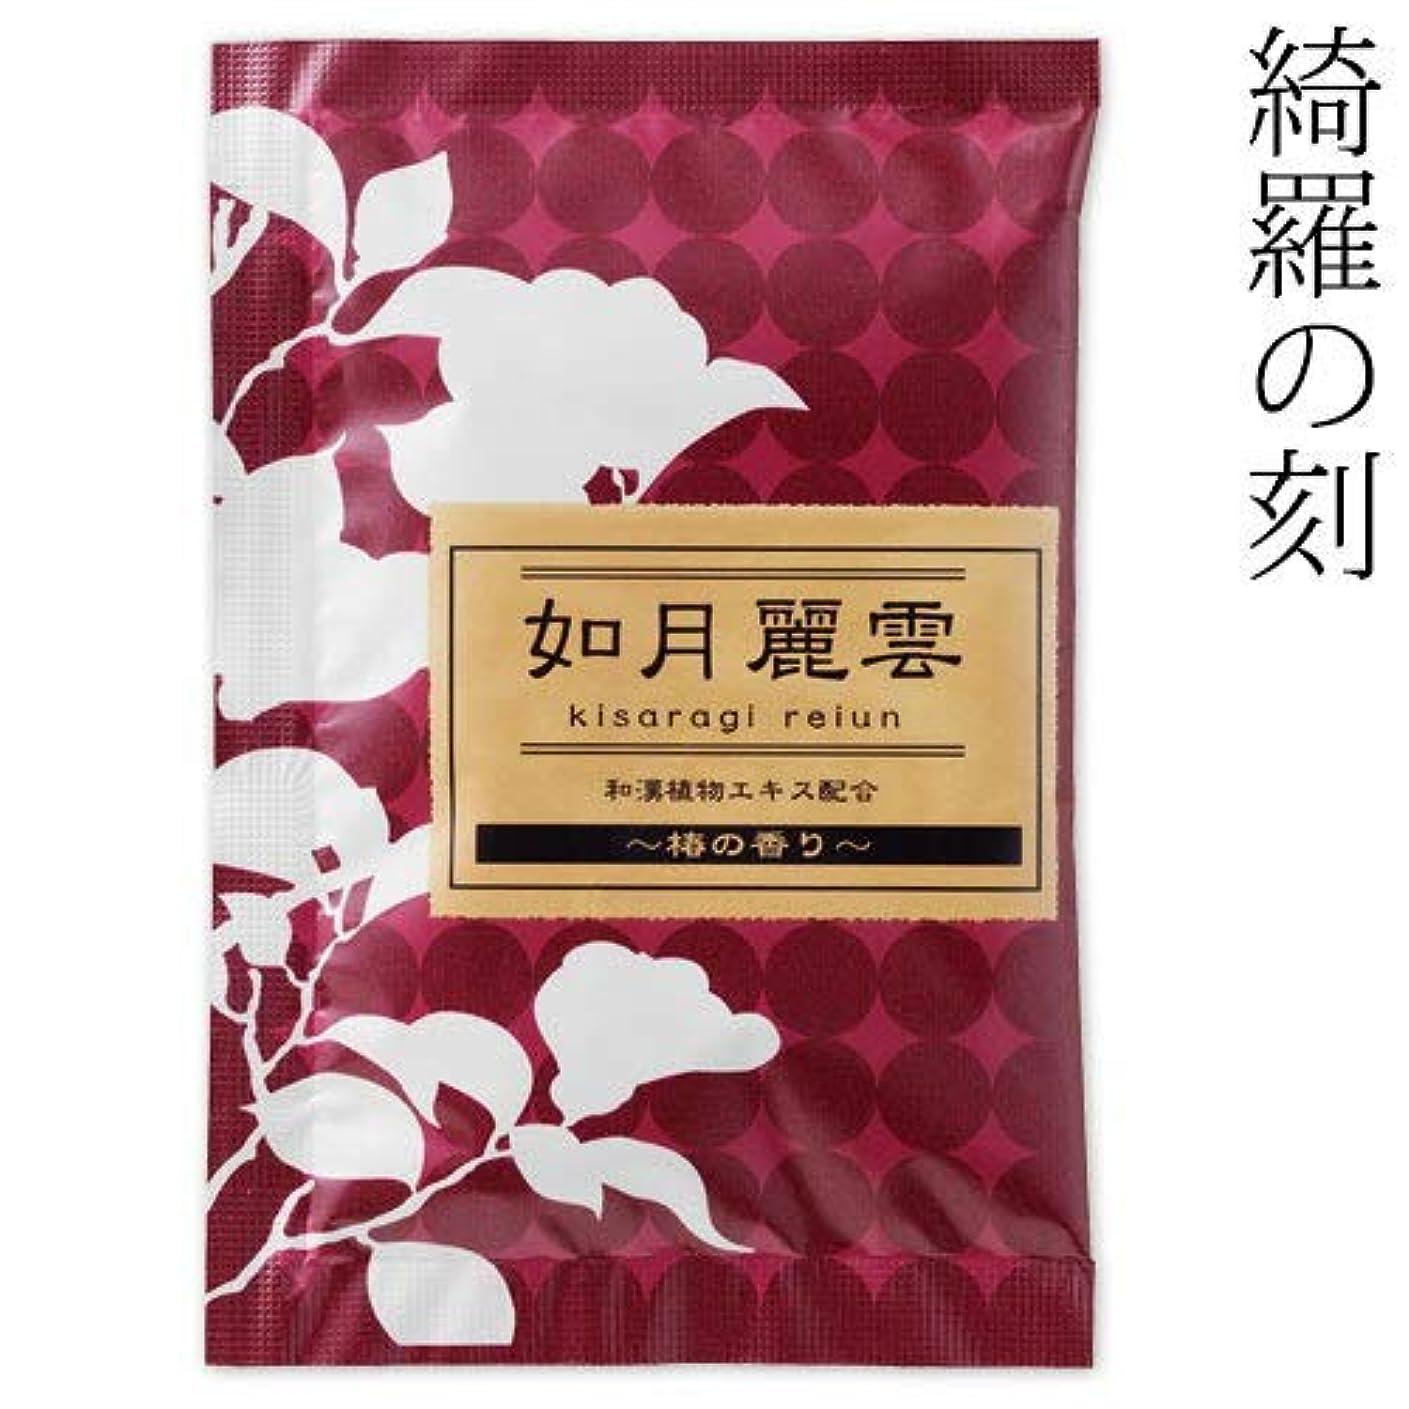 ビデオそして闇入浴剤綺羅の刻椿の香り如月麗雲1包石川県のお風呂グッズBath additive, Ishikawa craft